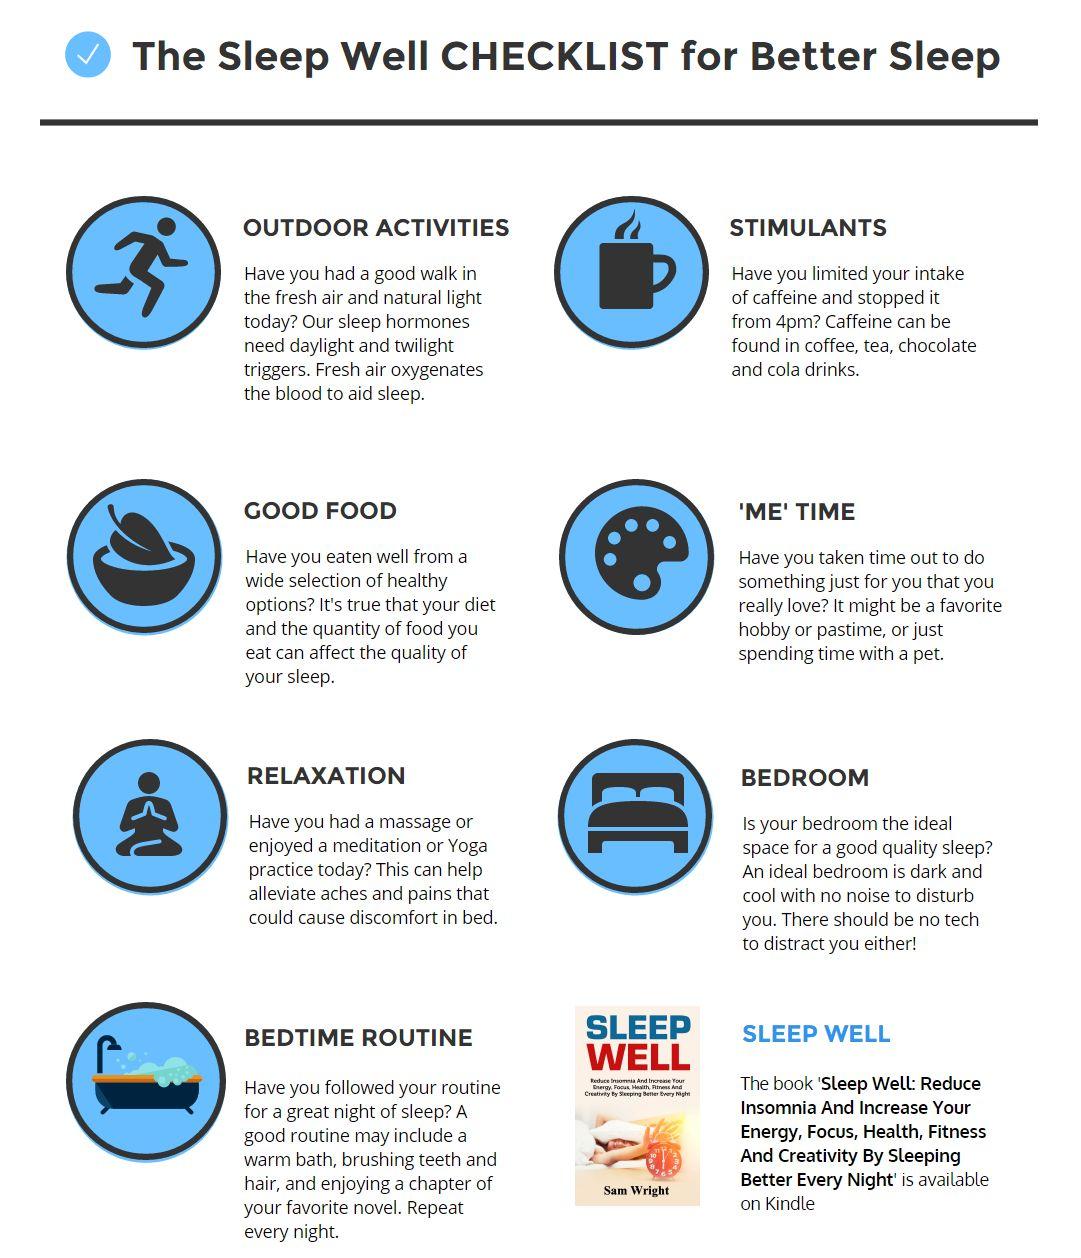 The Sleep Well Checklist for Better Sleep